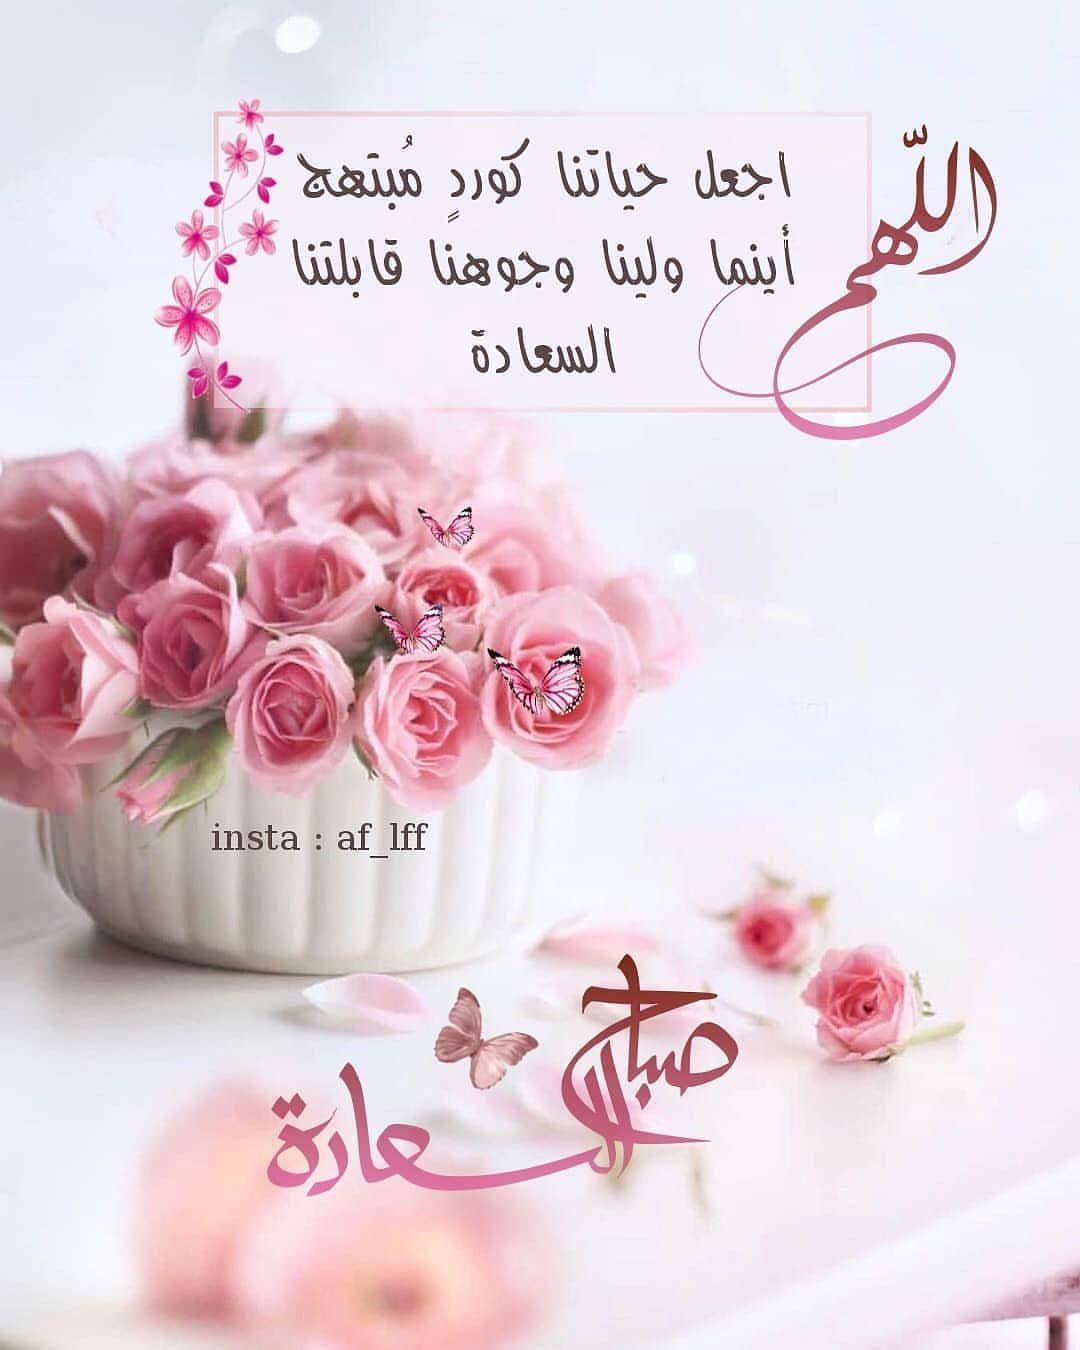 صبح و مساء On Instagram اللهم اجعل حياتنا كورد م بتهج أينما Good Morning Images Flowers Good Morning Greetings Good Morning Inspirational Quotes